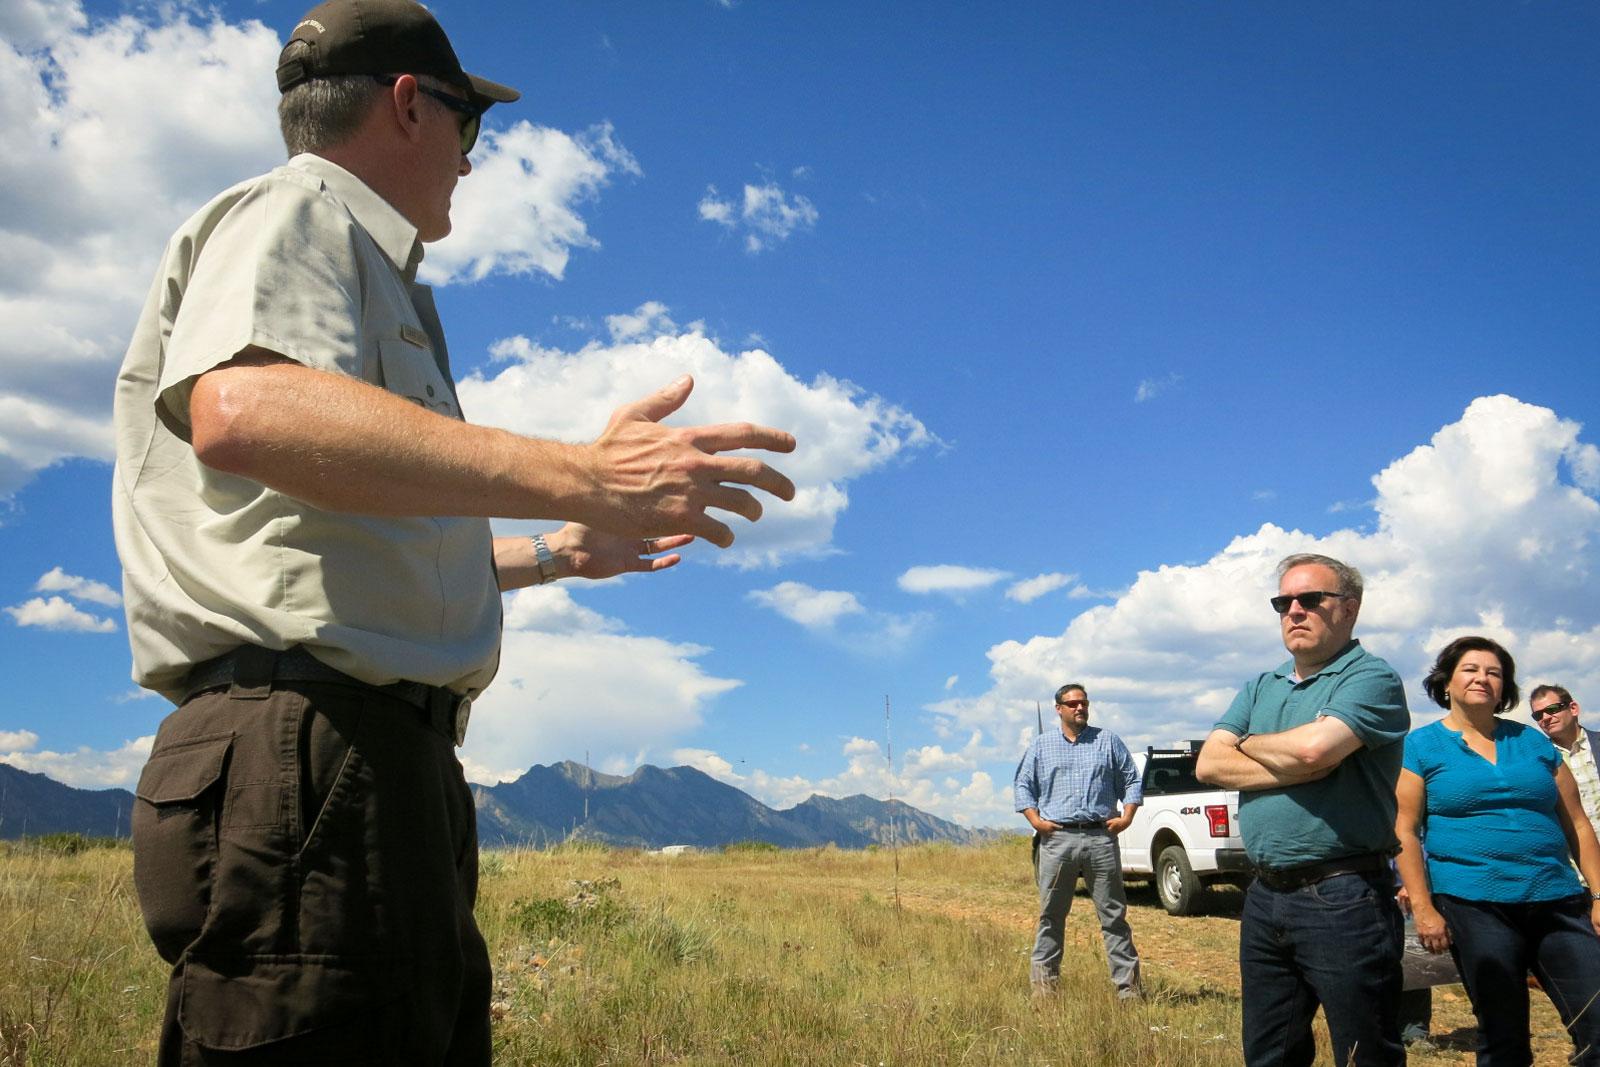 Photo: EPA Wheeler Rocky Flats Visit 1 | Lucas and Wheeler - GHood